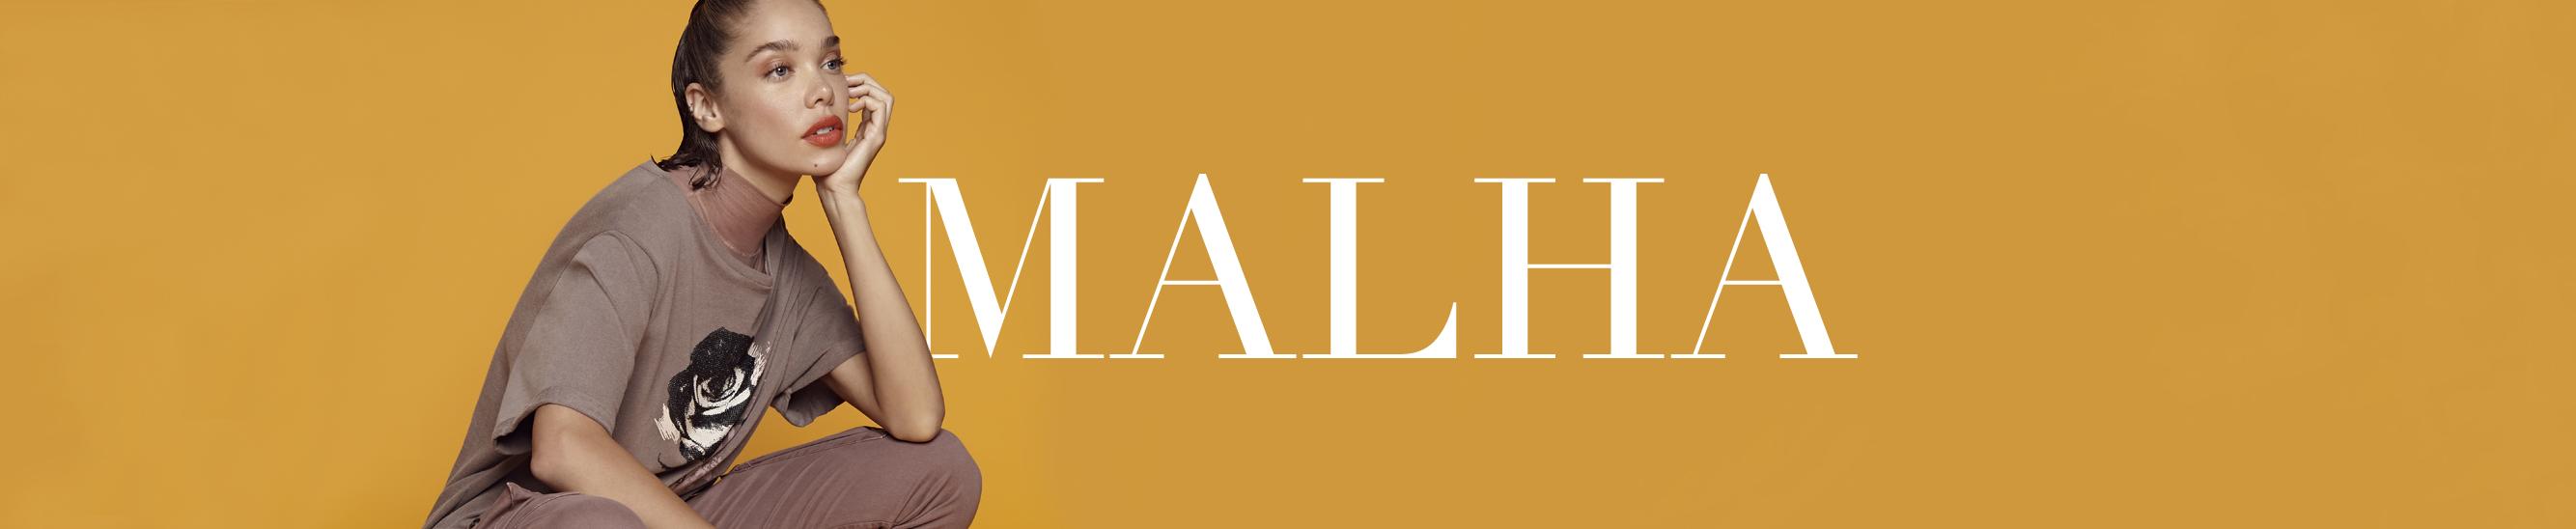 Banner malha